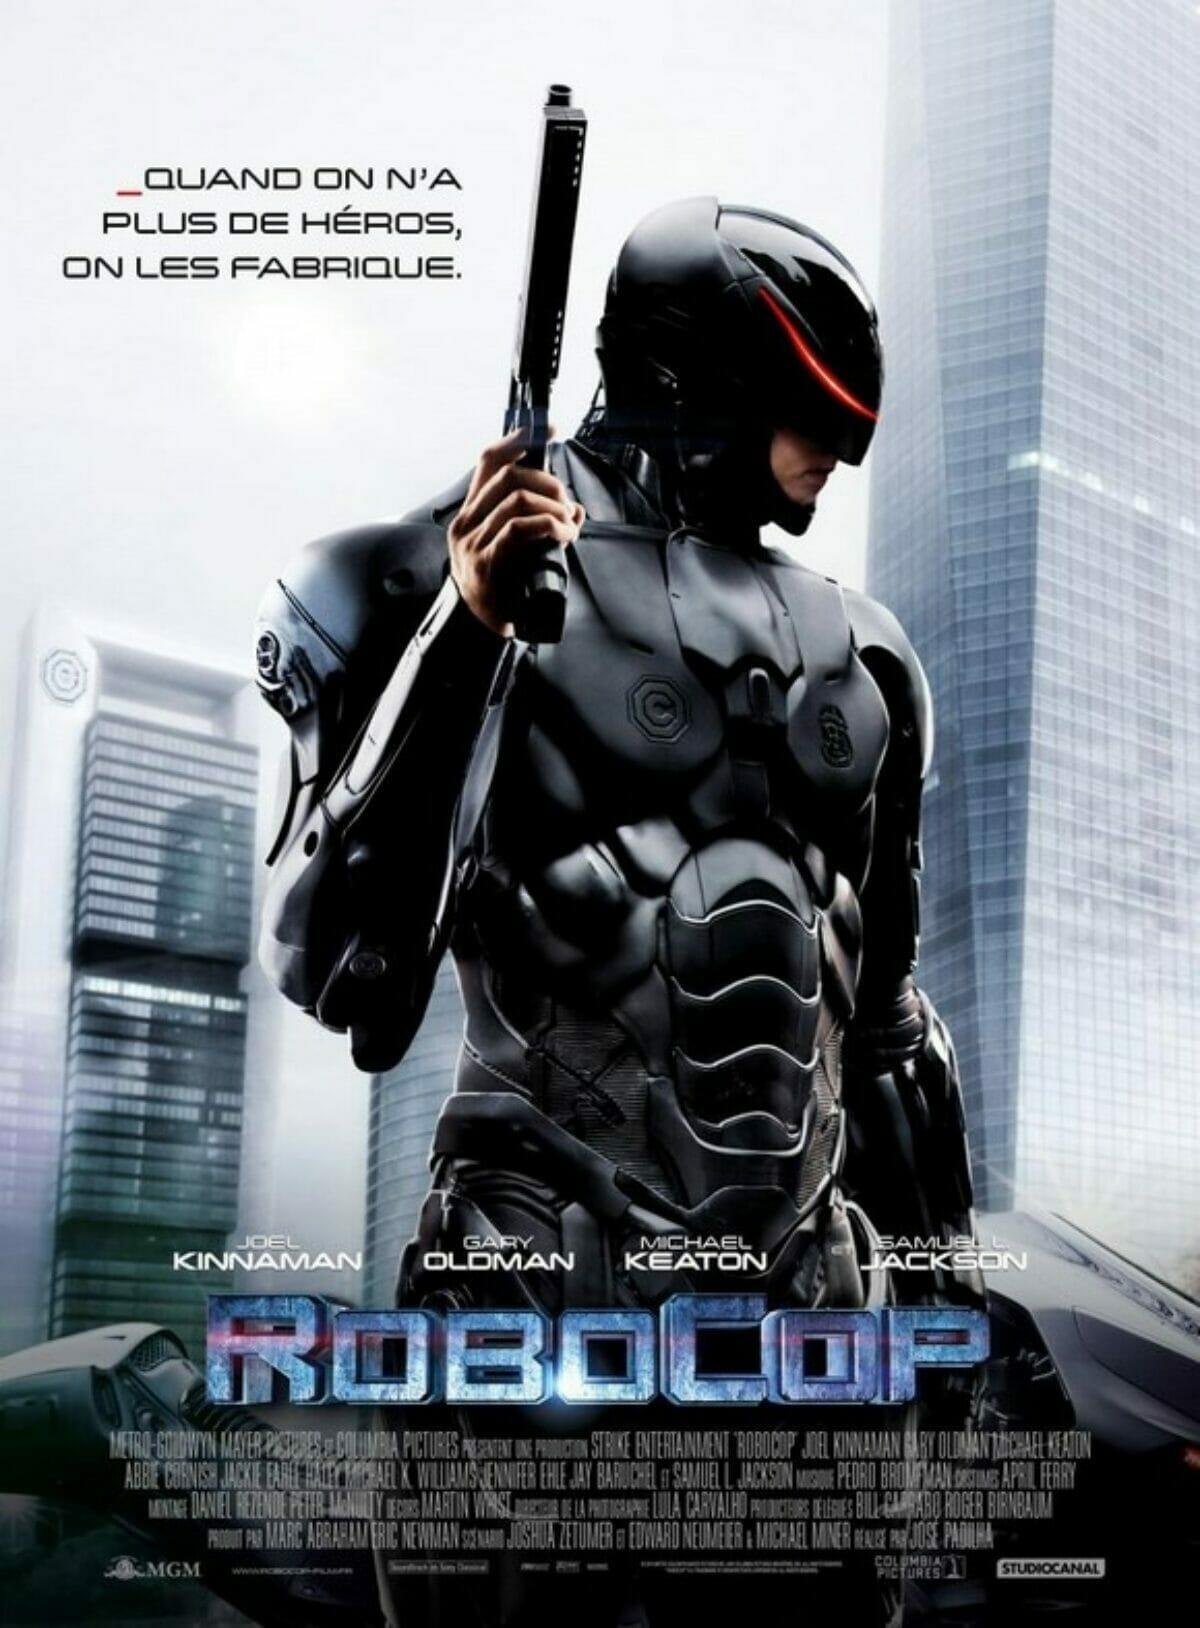 Robocop-2014-affiche-france